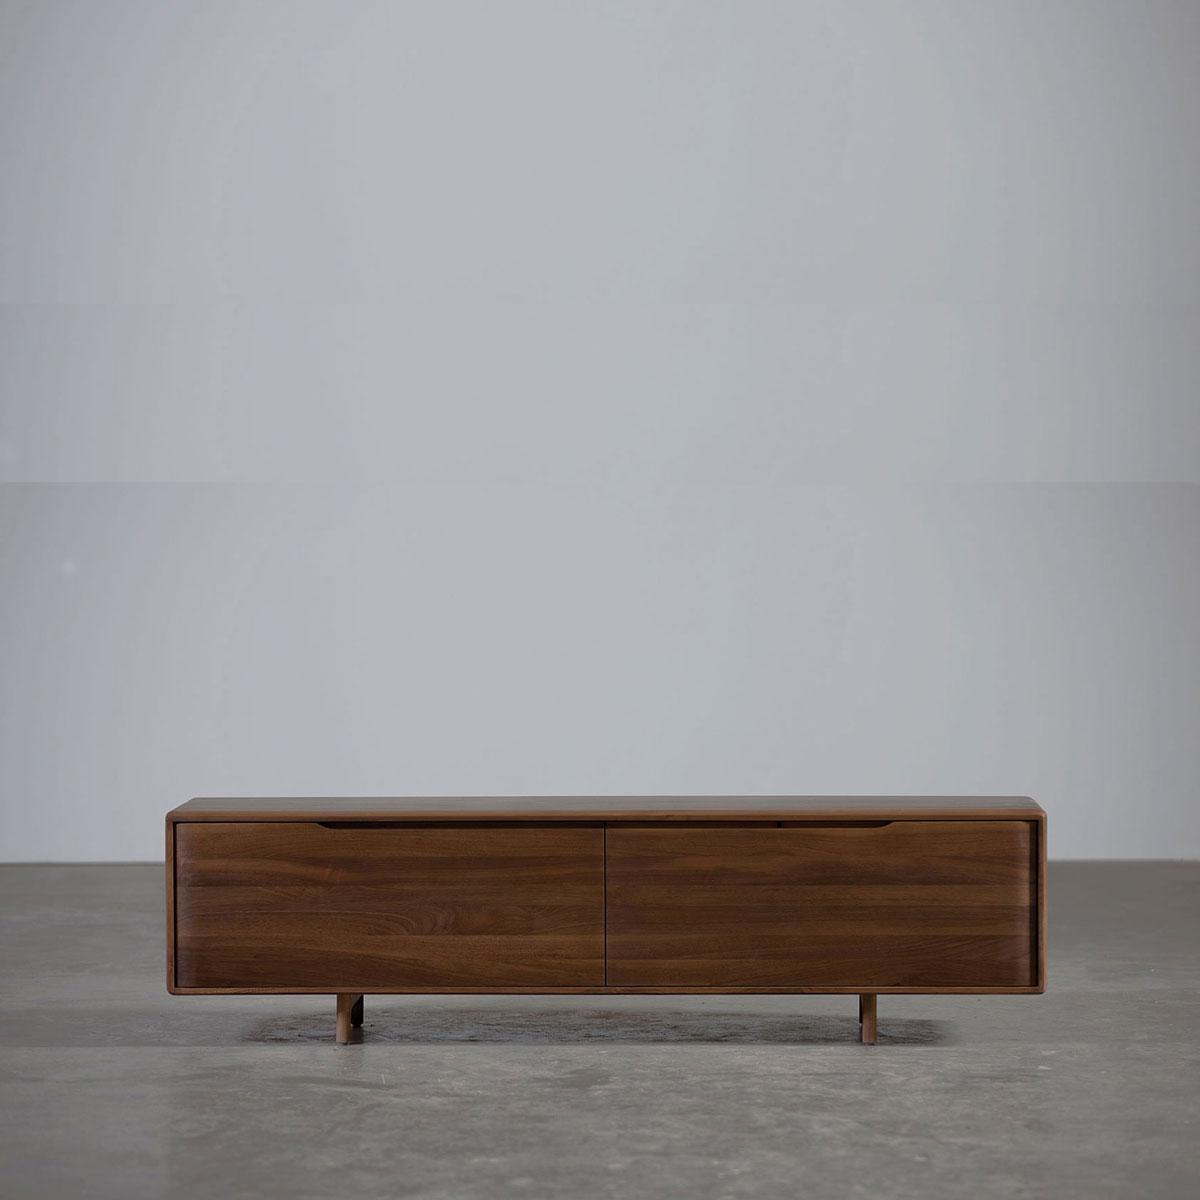 Aparador Invito Bajo, realizado en madera maciza con cajones y compartimentos, vanguardista con producción original para Artisan